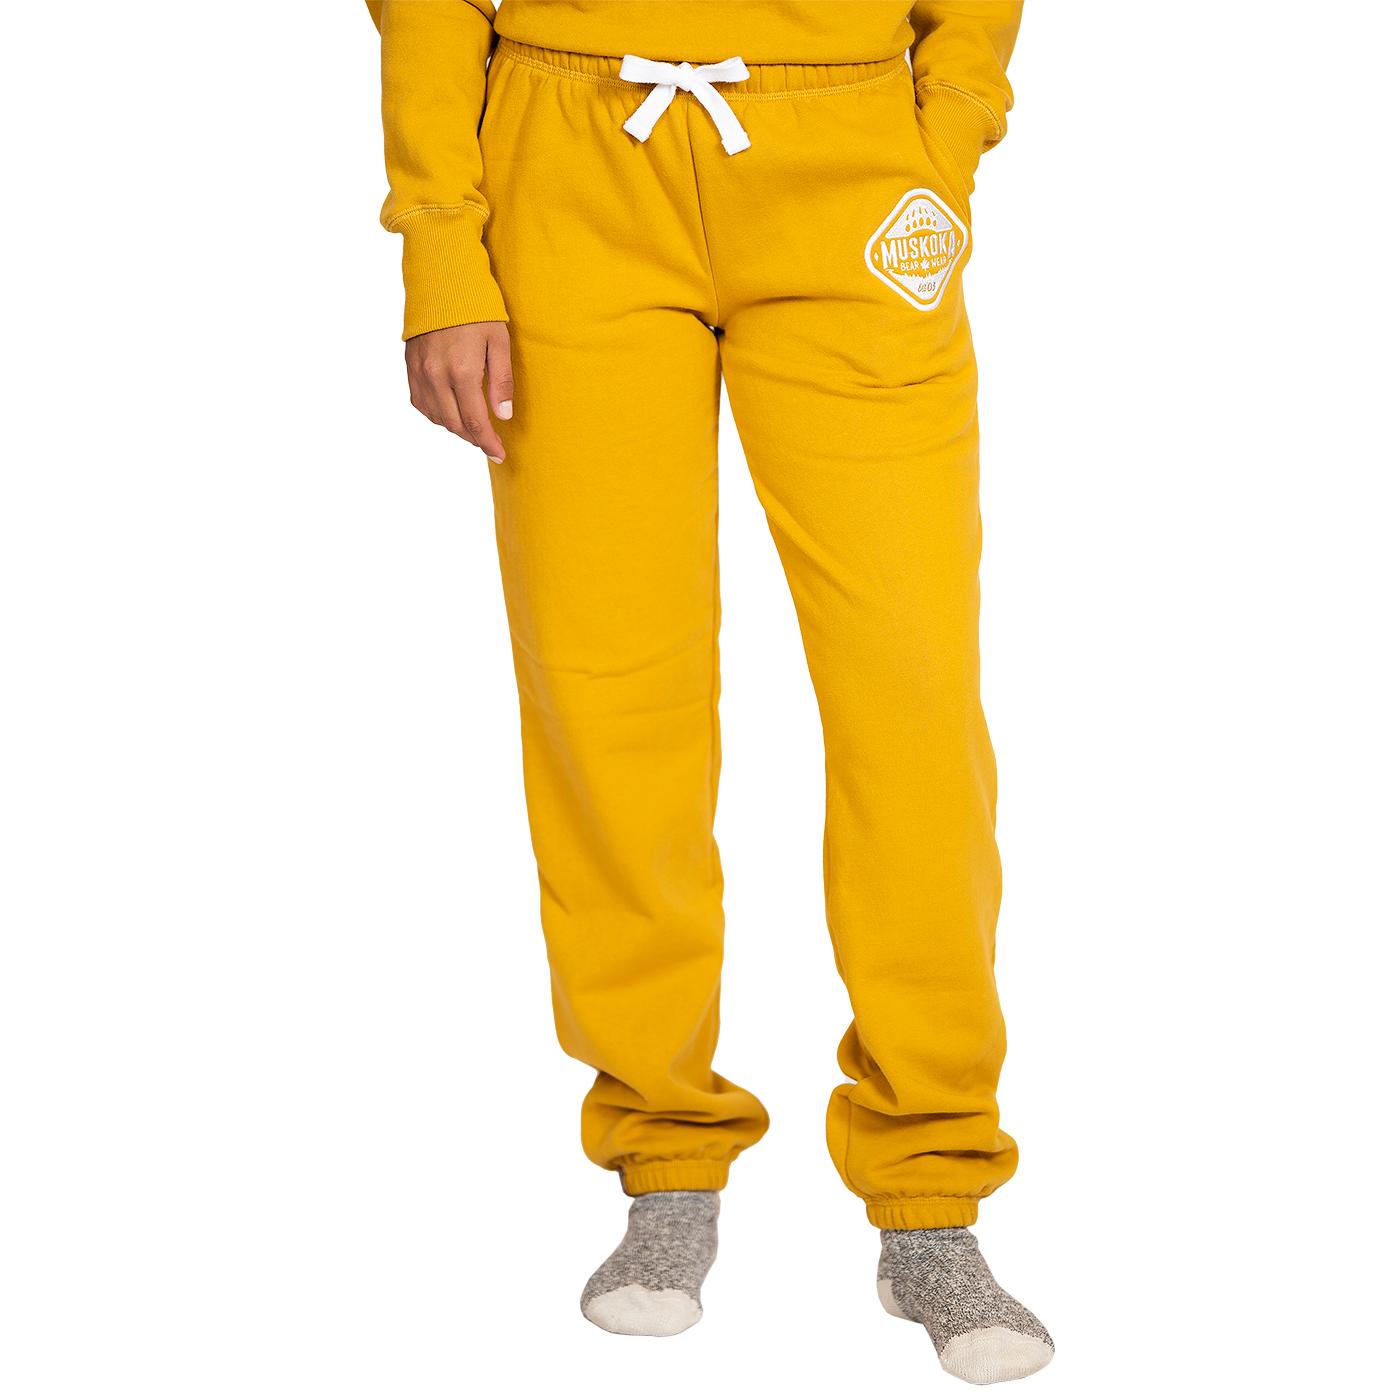 Muskoka Bear Wear Harvest Gold MBW Camp Pants